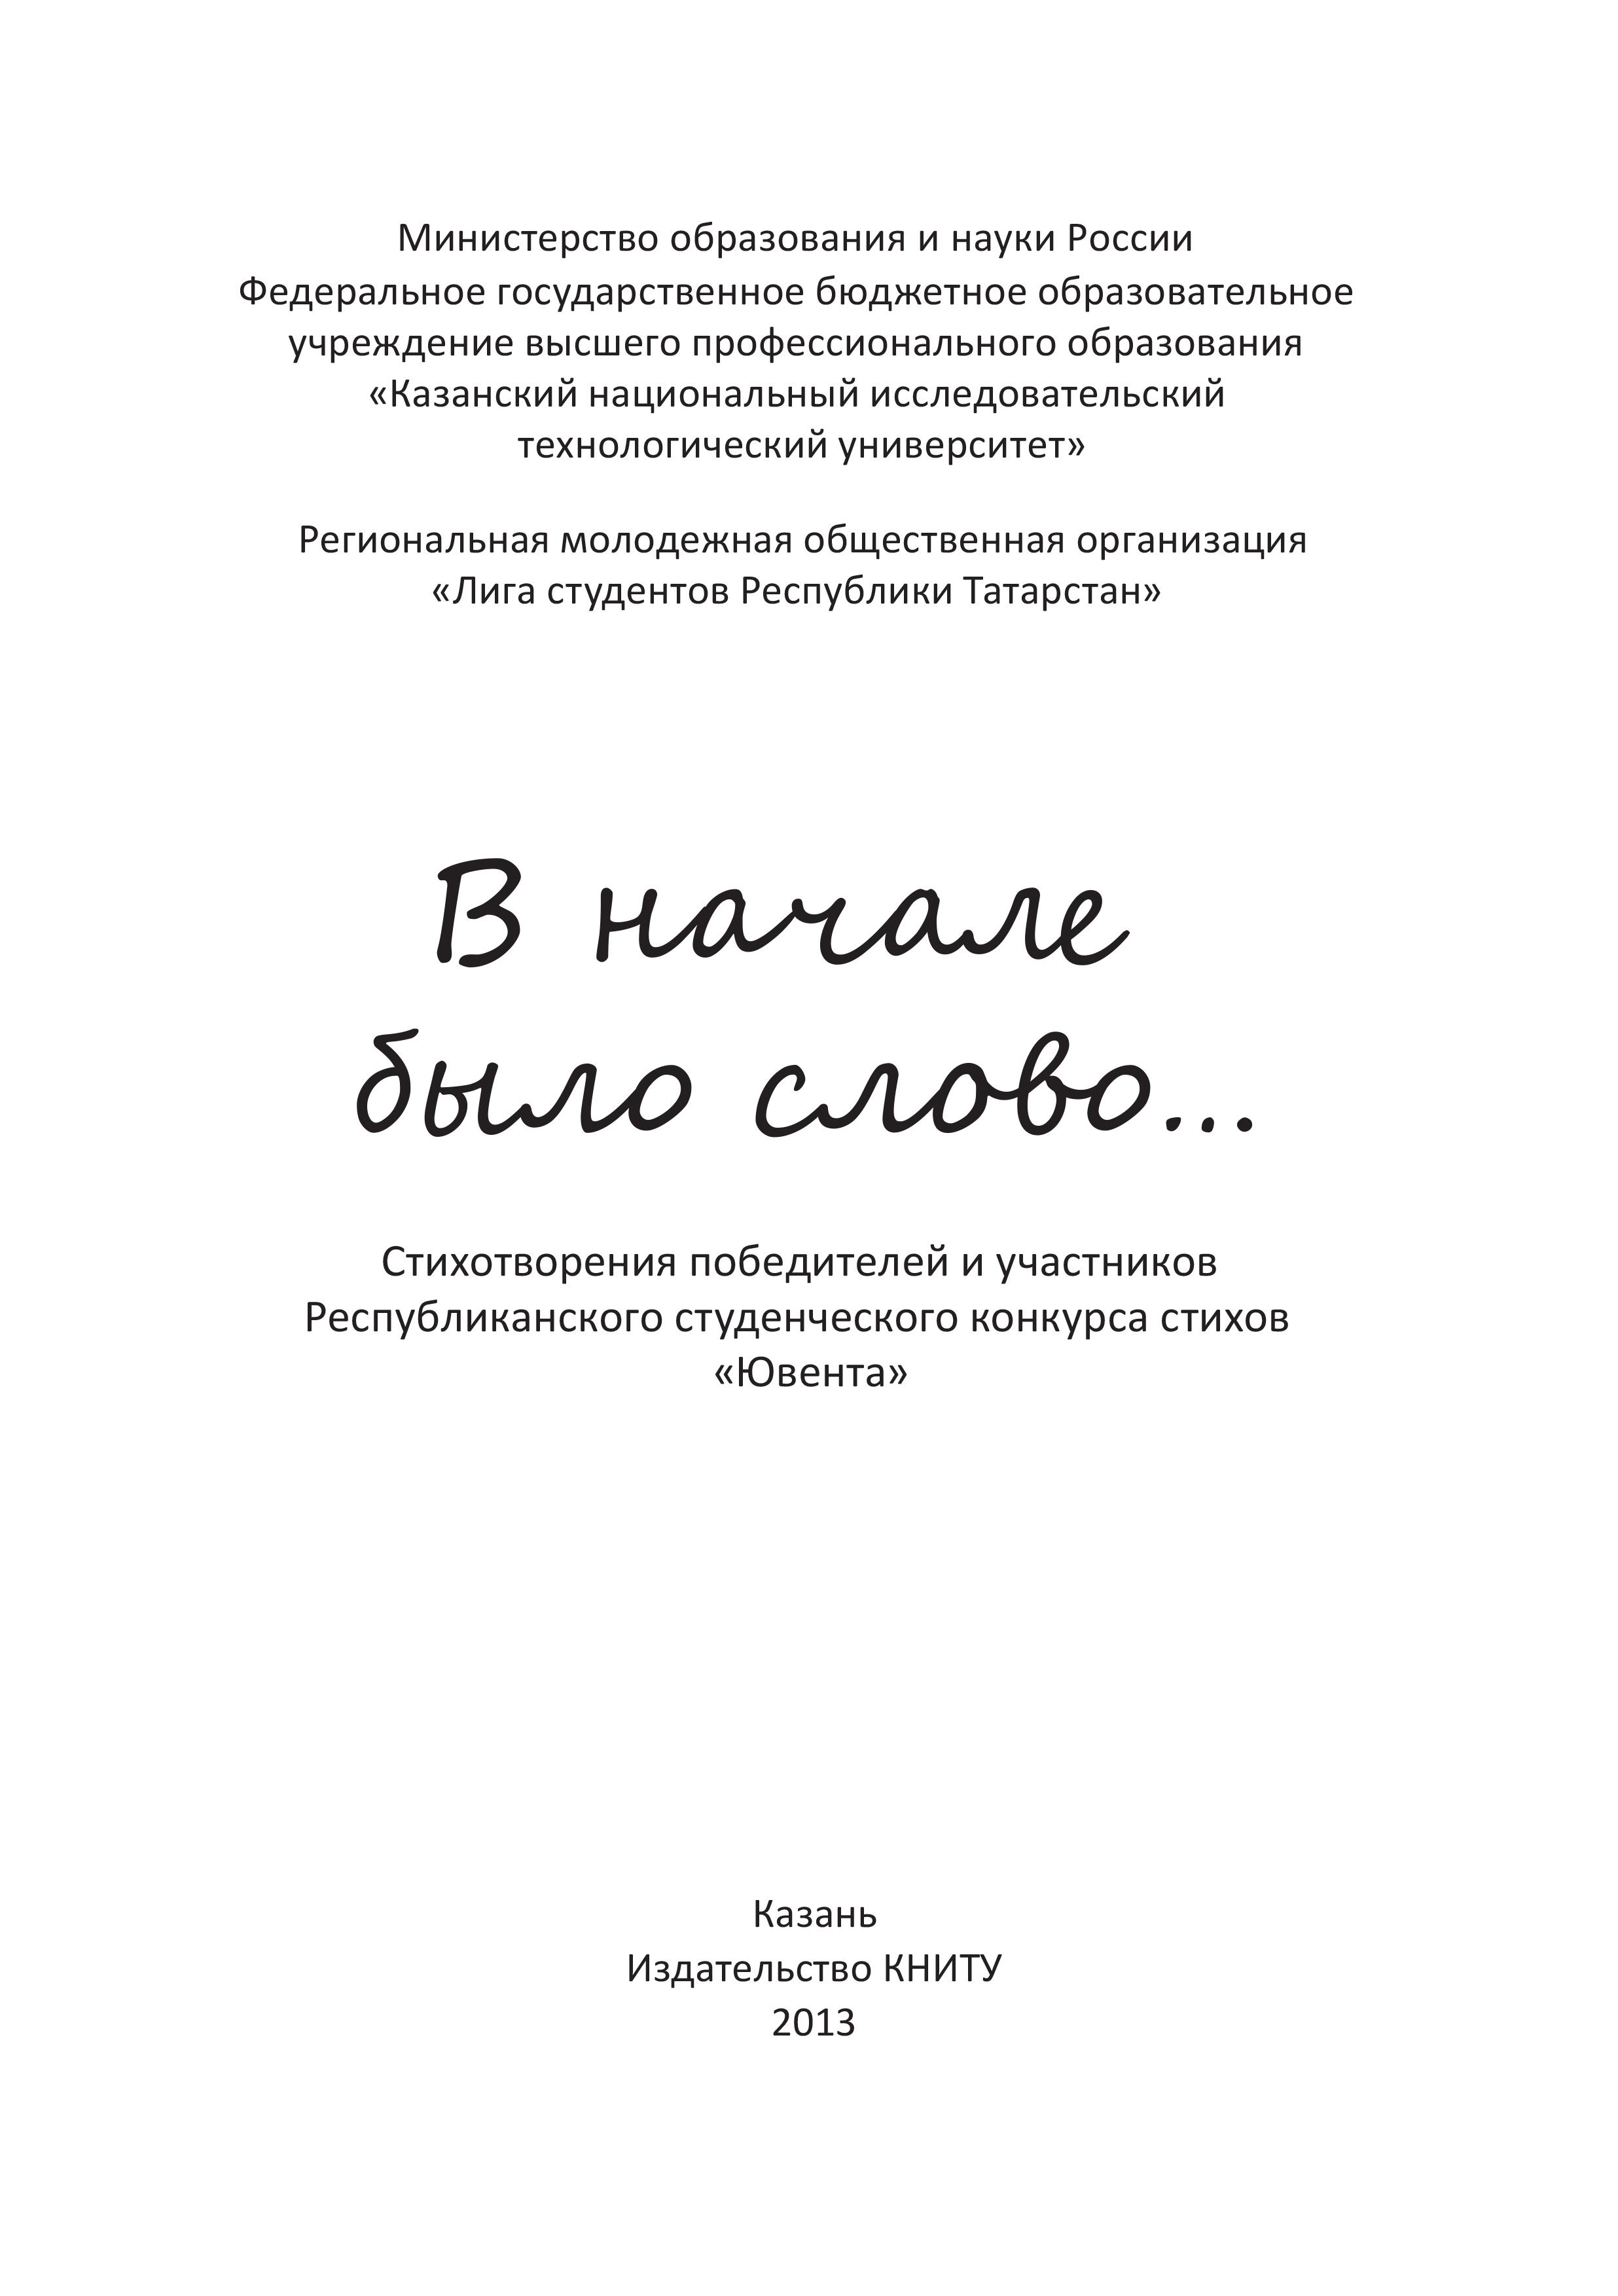 Коллектив авторов В начале было слово… туризм татарстан